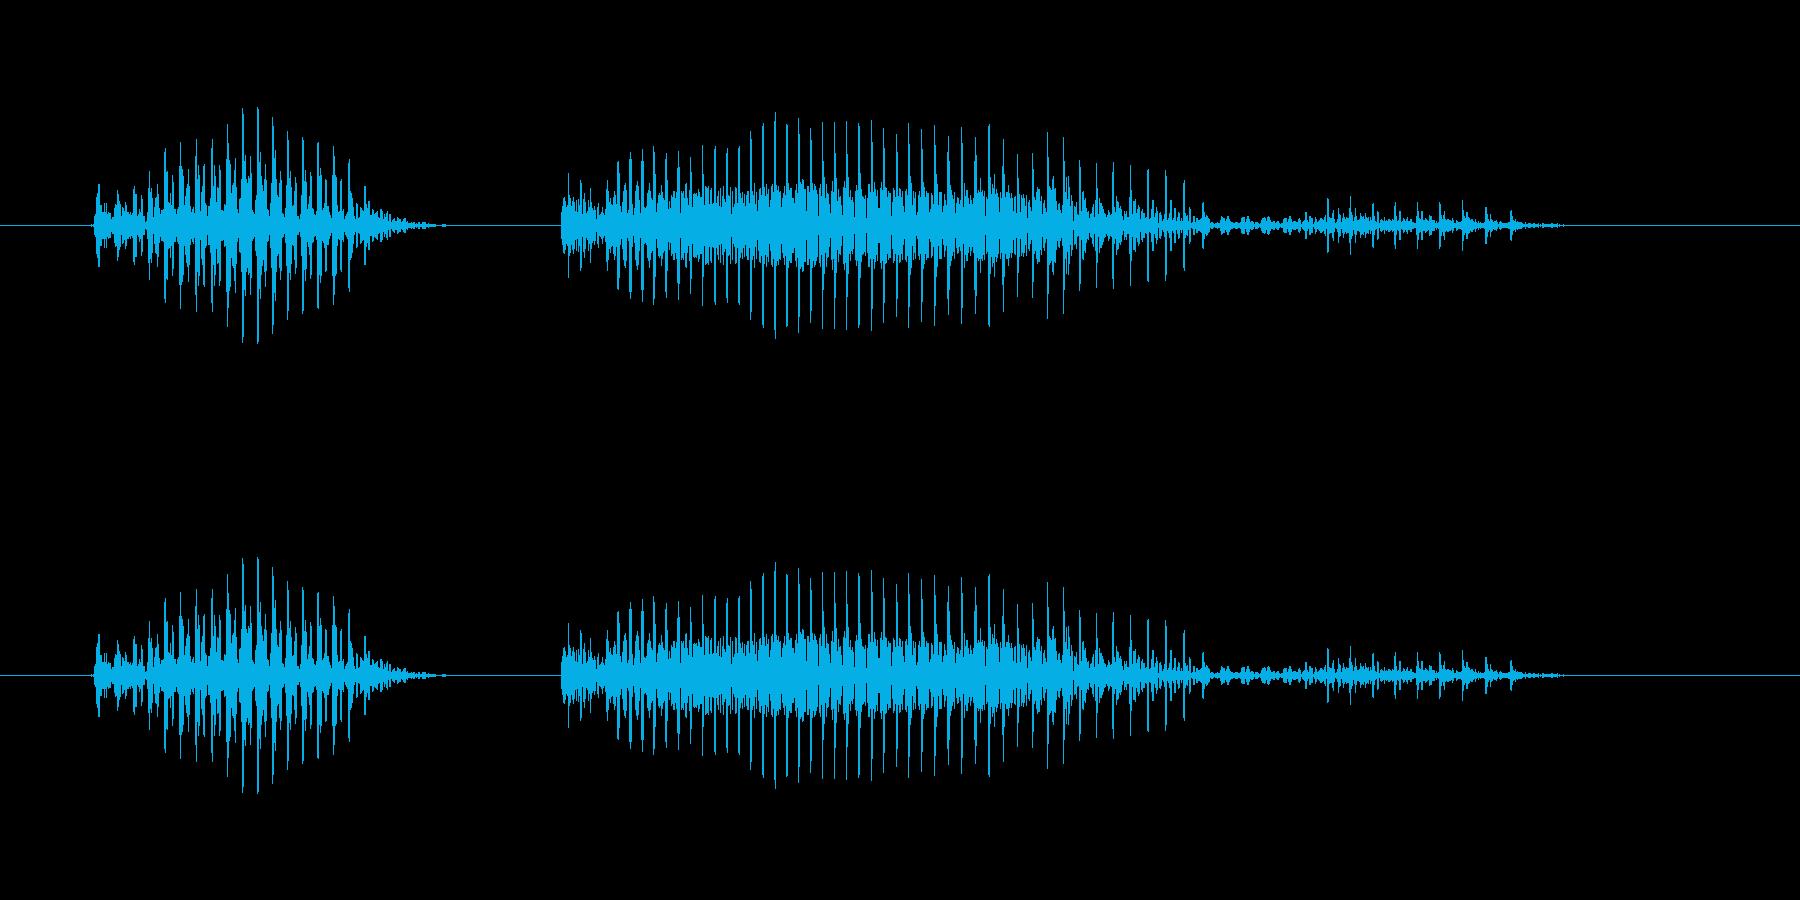 都道府県 - 岡山の再生済みの波形